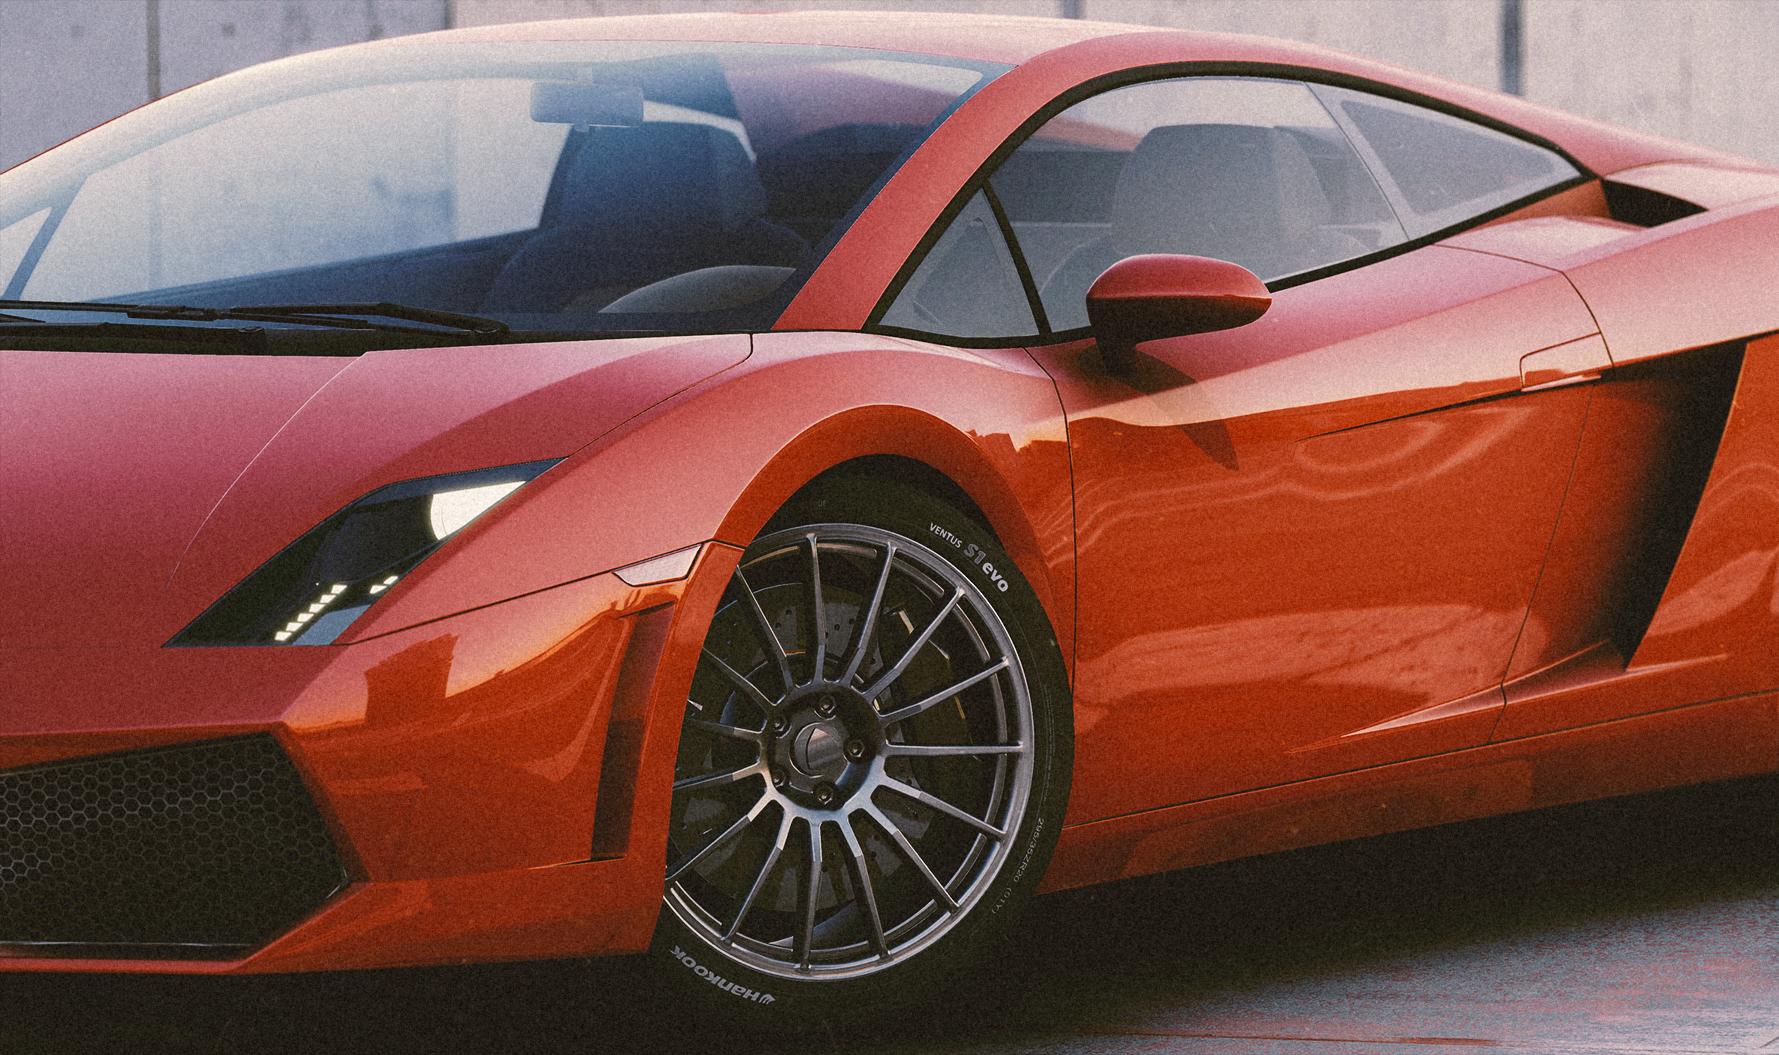 Car Paint - Pro - AssetStore